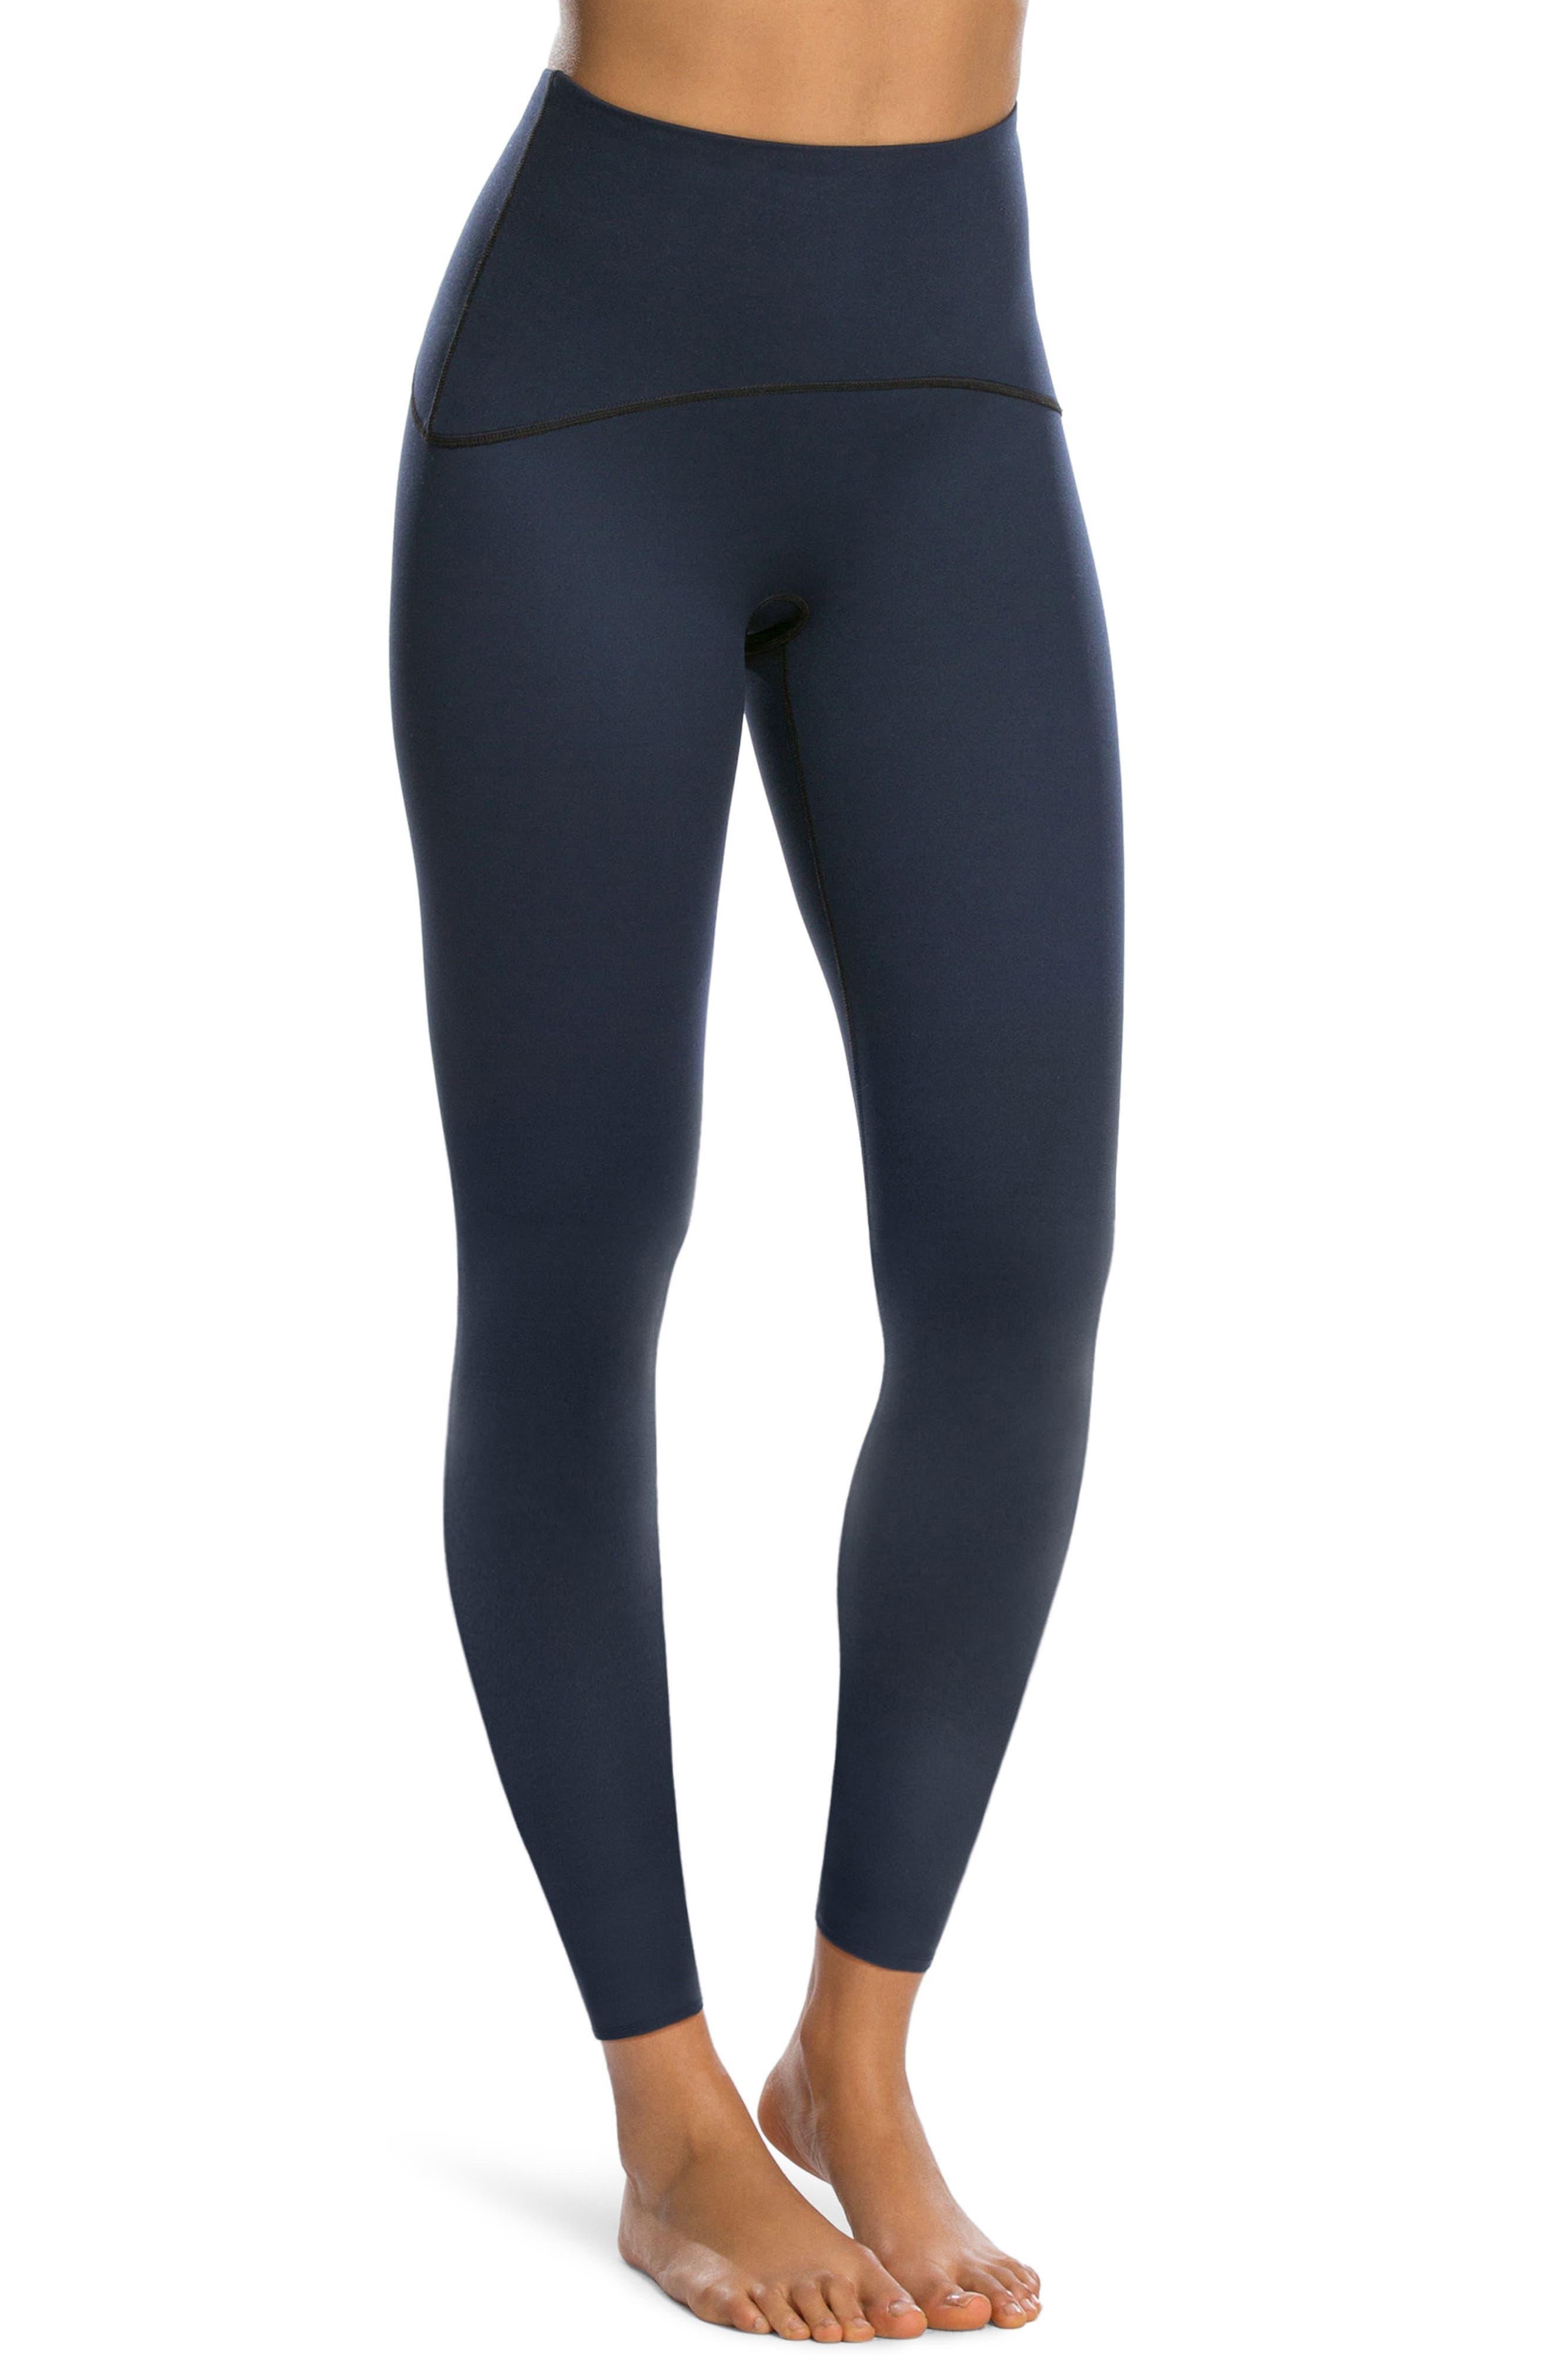 Women's Spanx Active Leggings